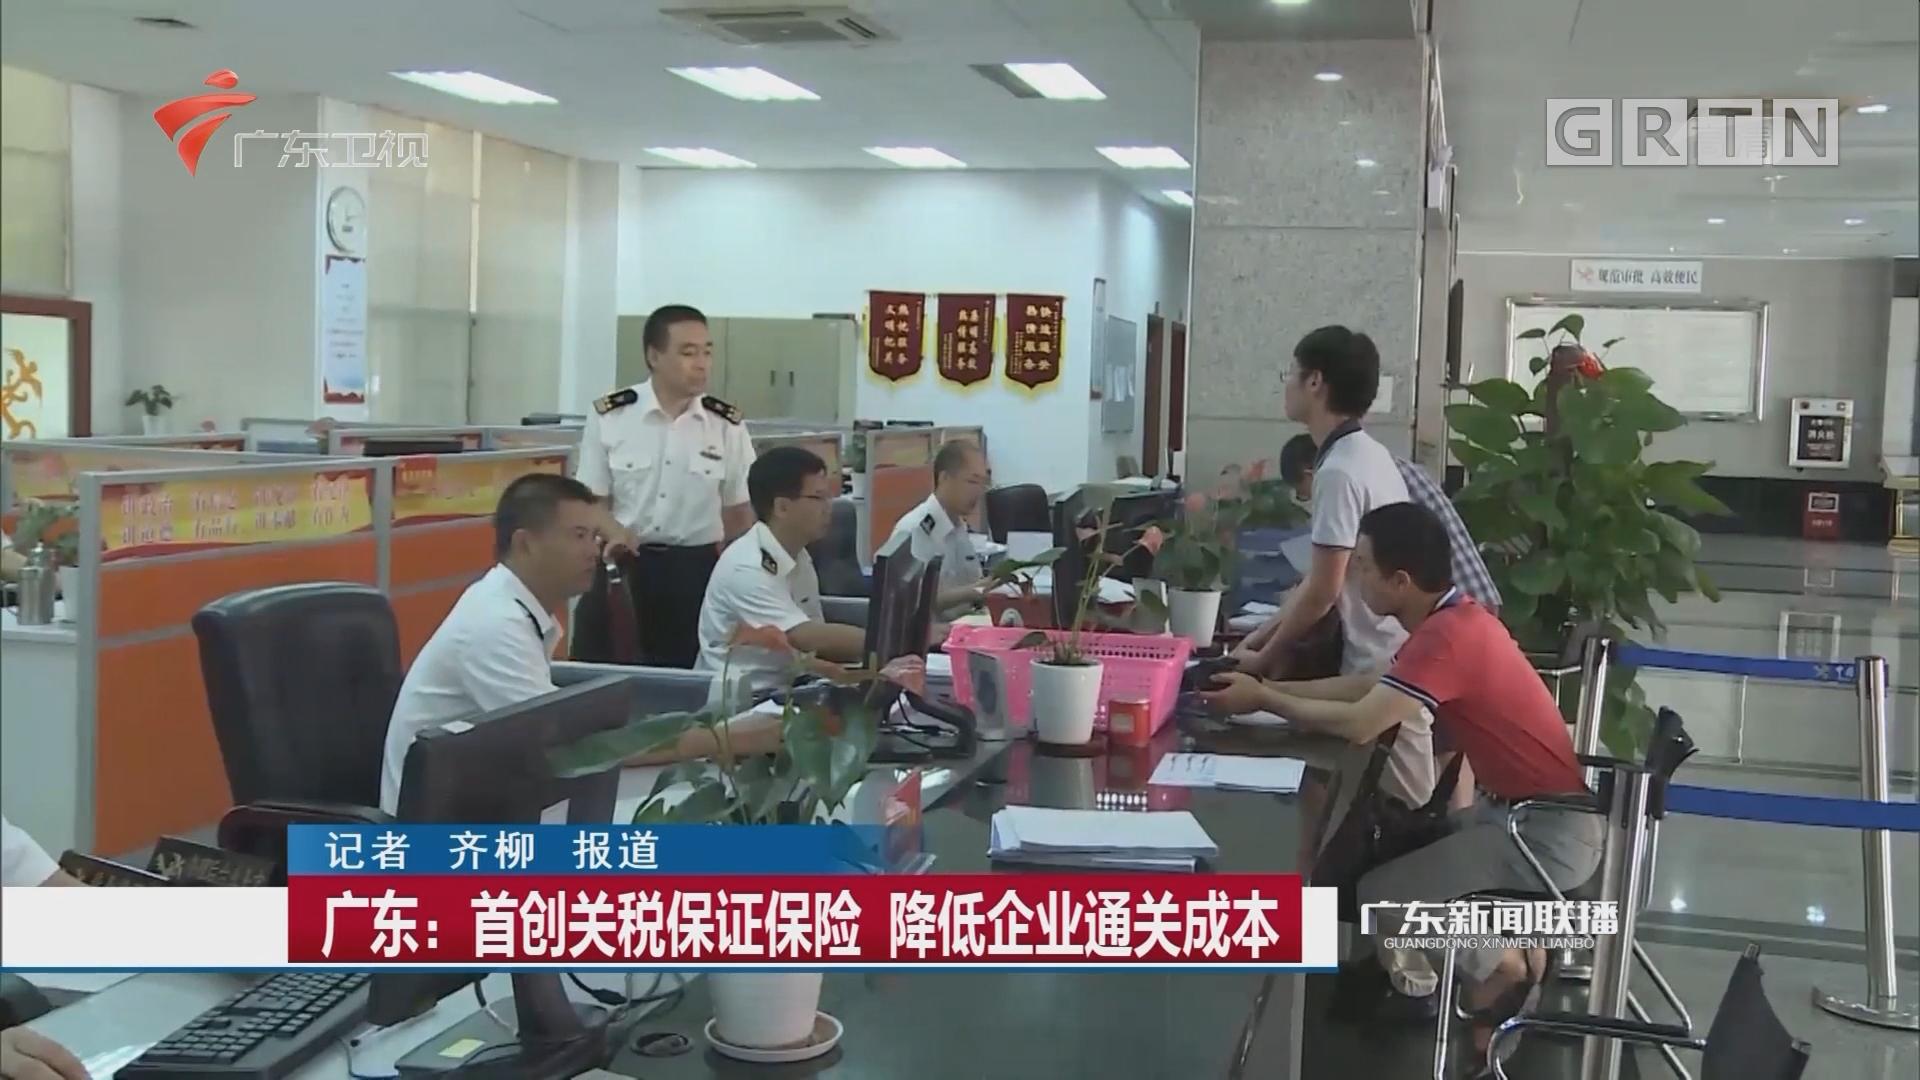 广东:首创关税保证保险 降低企业通关成本